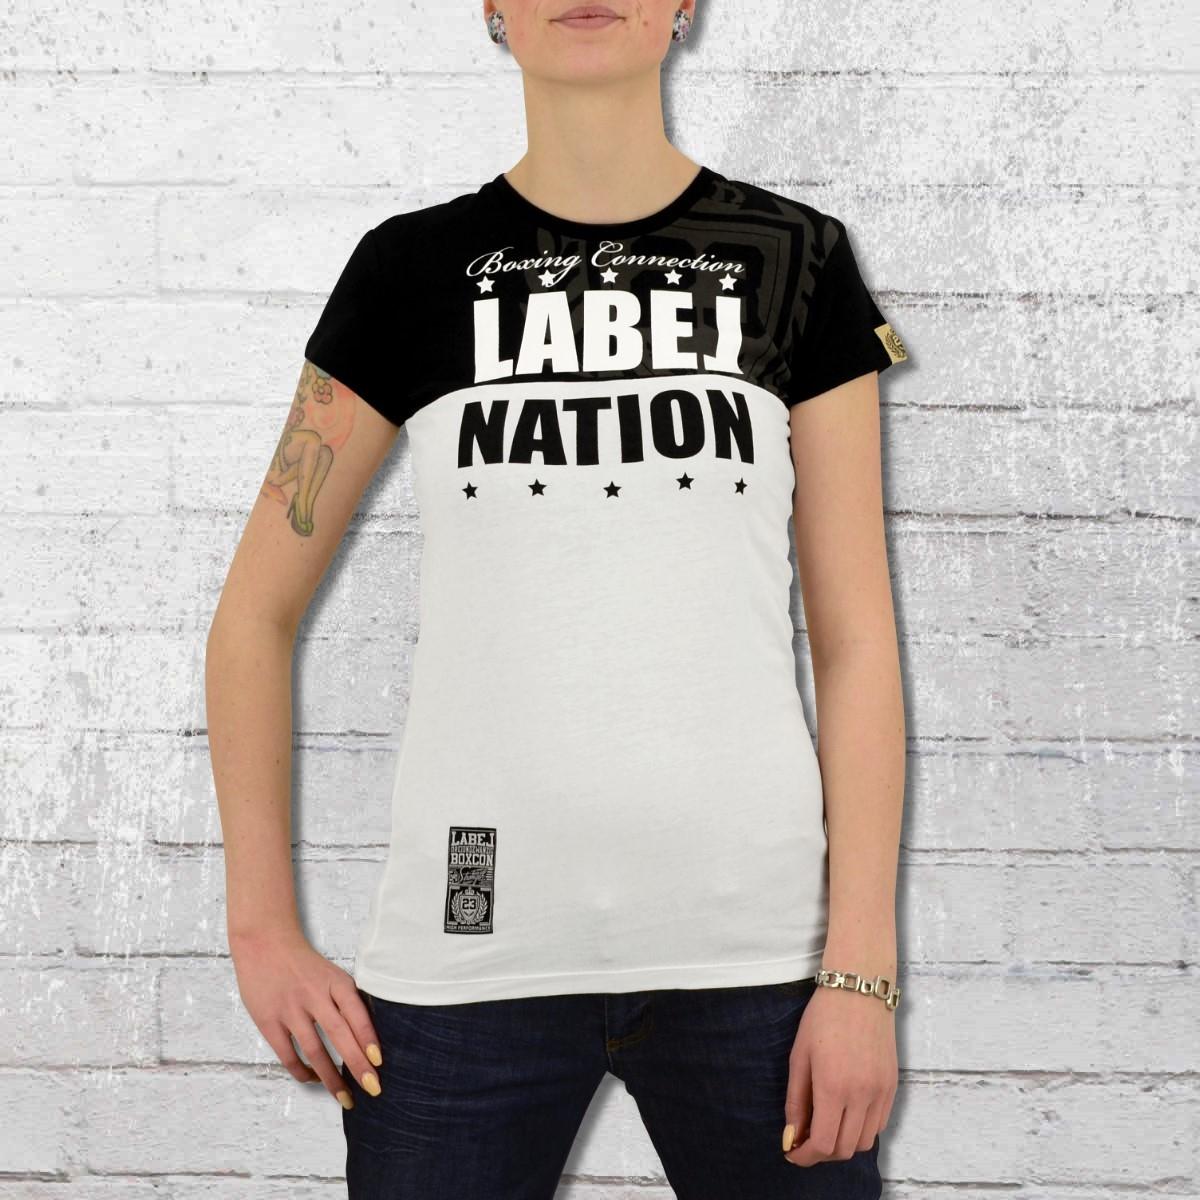 Label 23 Frauen T-Shirt Label Nation schwarz weiss